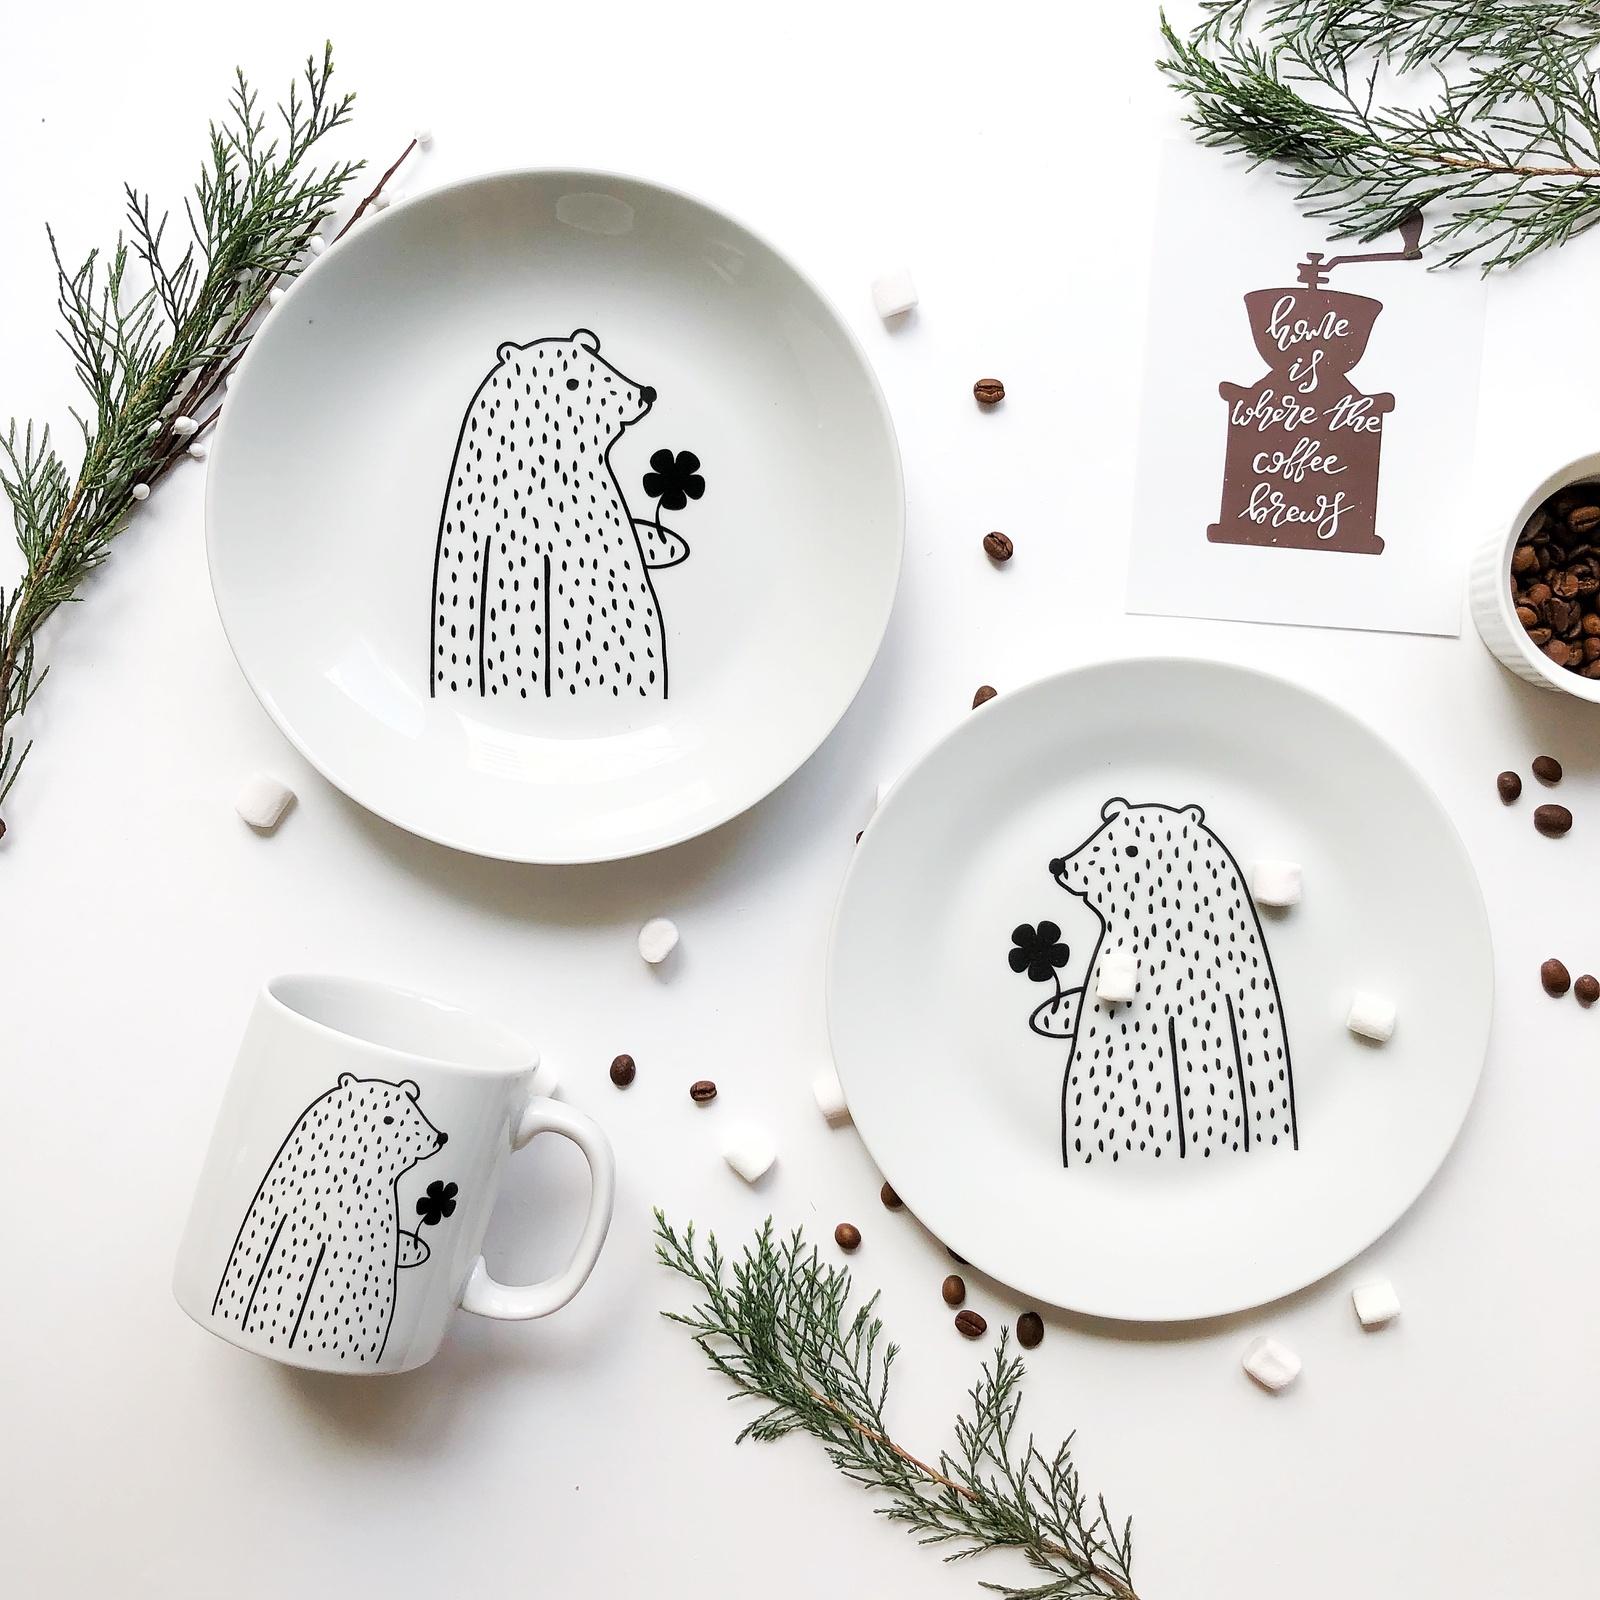 Набор столовой посуды Сотвори Чудо Набор посуды Цветочный мишка (3 в 1: кружка+тарелка+глубокая тарелка Sans Brides), белый тарелка мелкая сотвори чудо цветочный мишка диаметр 20 см